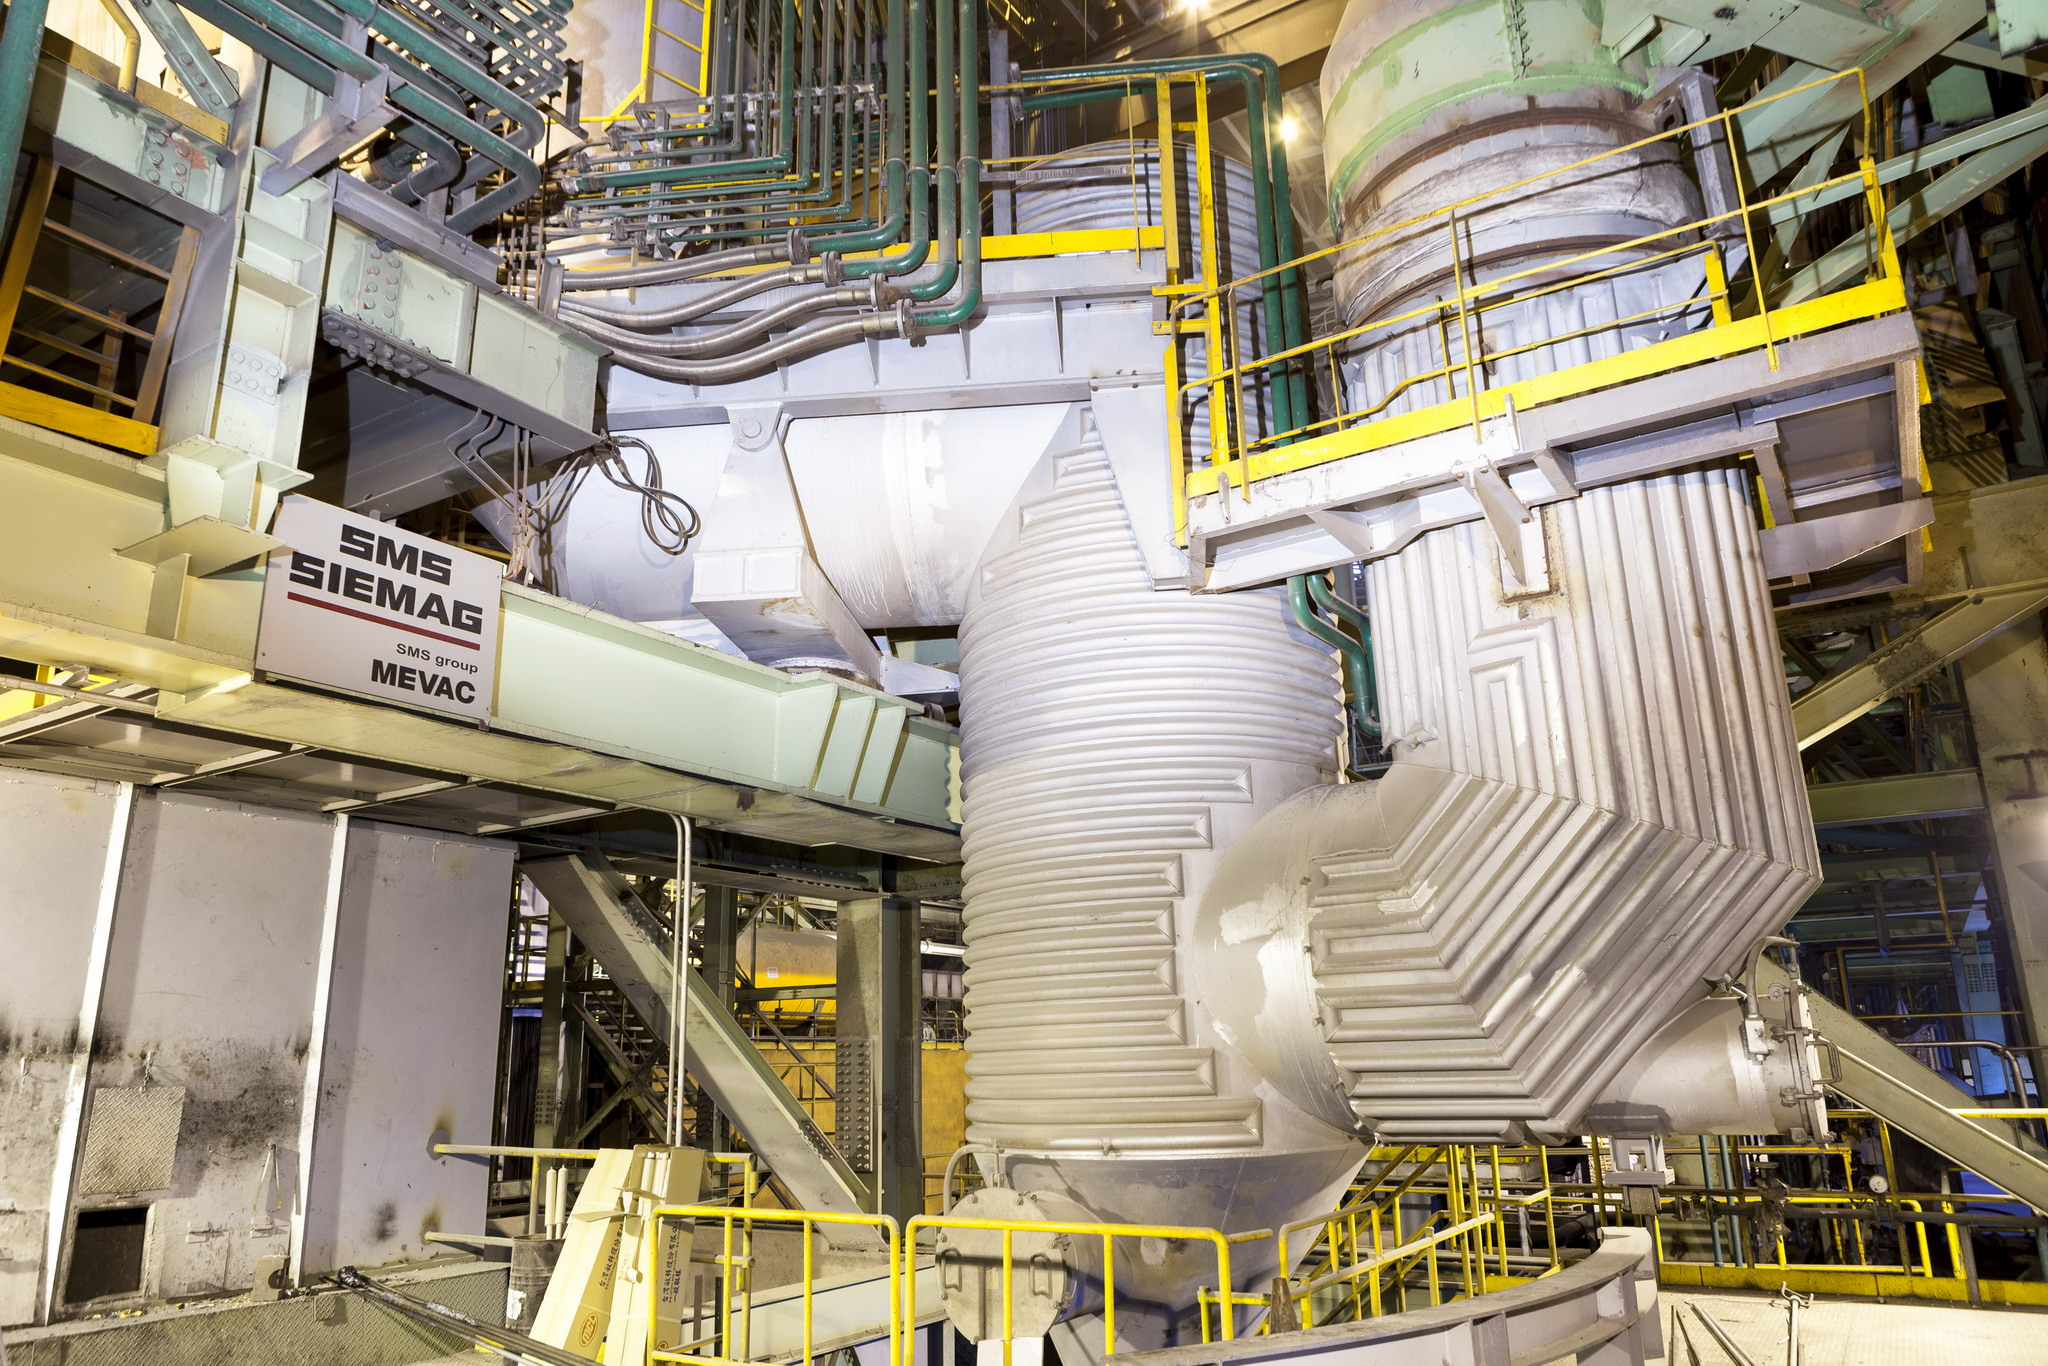 Rüttelplatten Metall Tauch Pumpe Mit 15 Meter C-schlauch Attraktives Aussehen Ehrlich Sos Flut-box Überschwemmungsschutz Bewässern